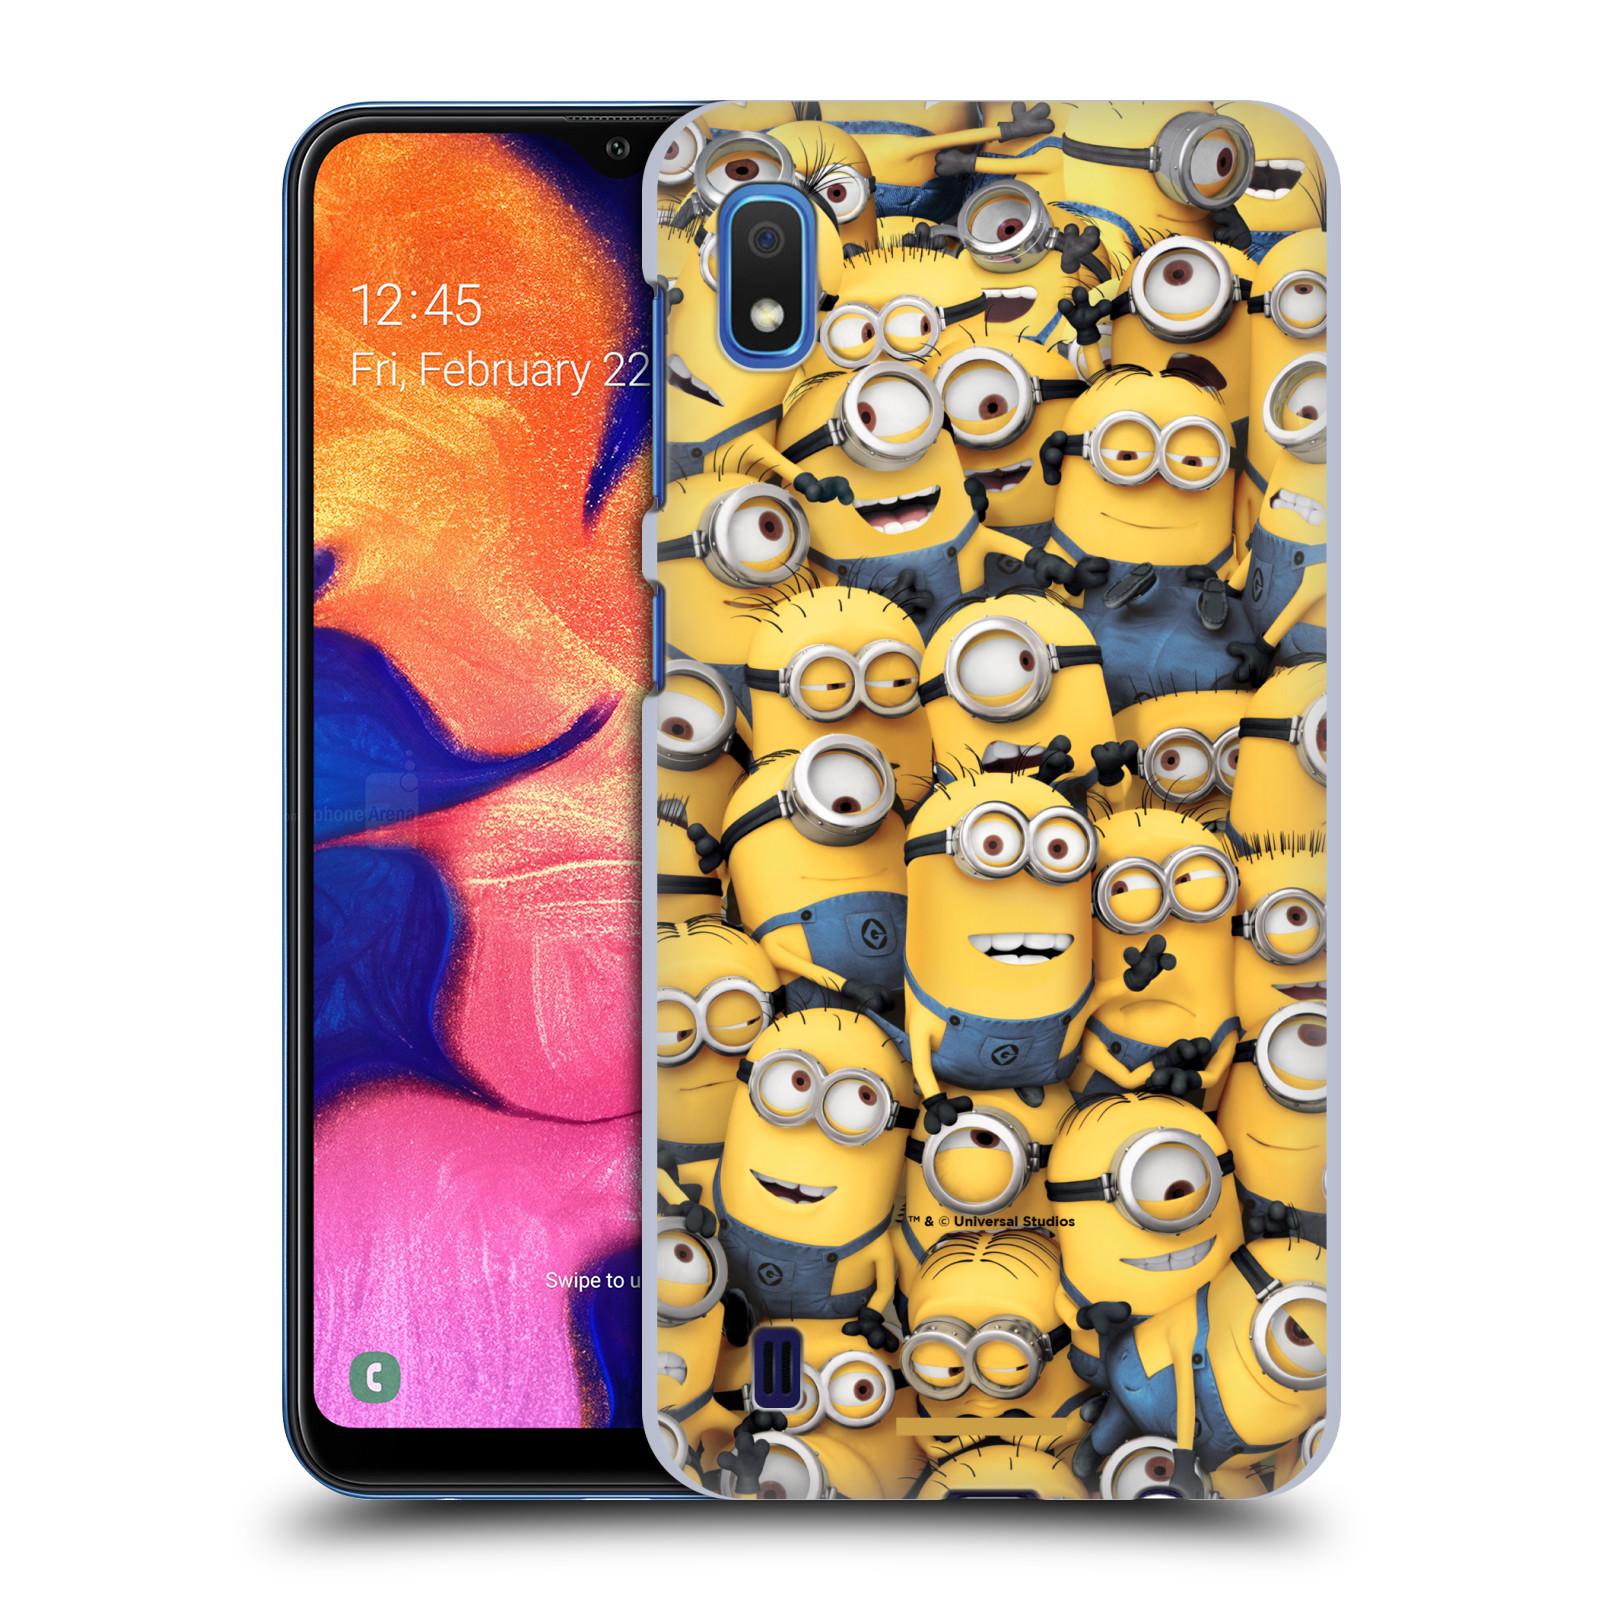 Plastové pouzdro na mobil Samsung Galaxy A10 - Head Case - Mimoni všude z filmu Já, padouch - Despicable Me